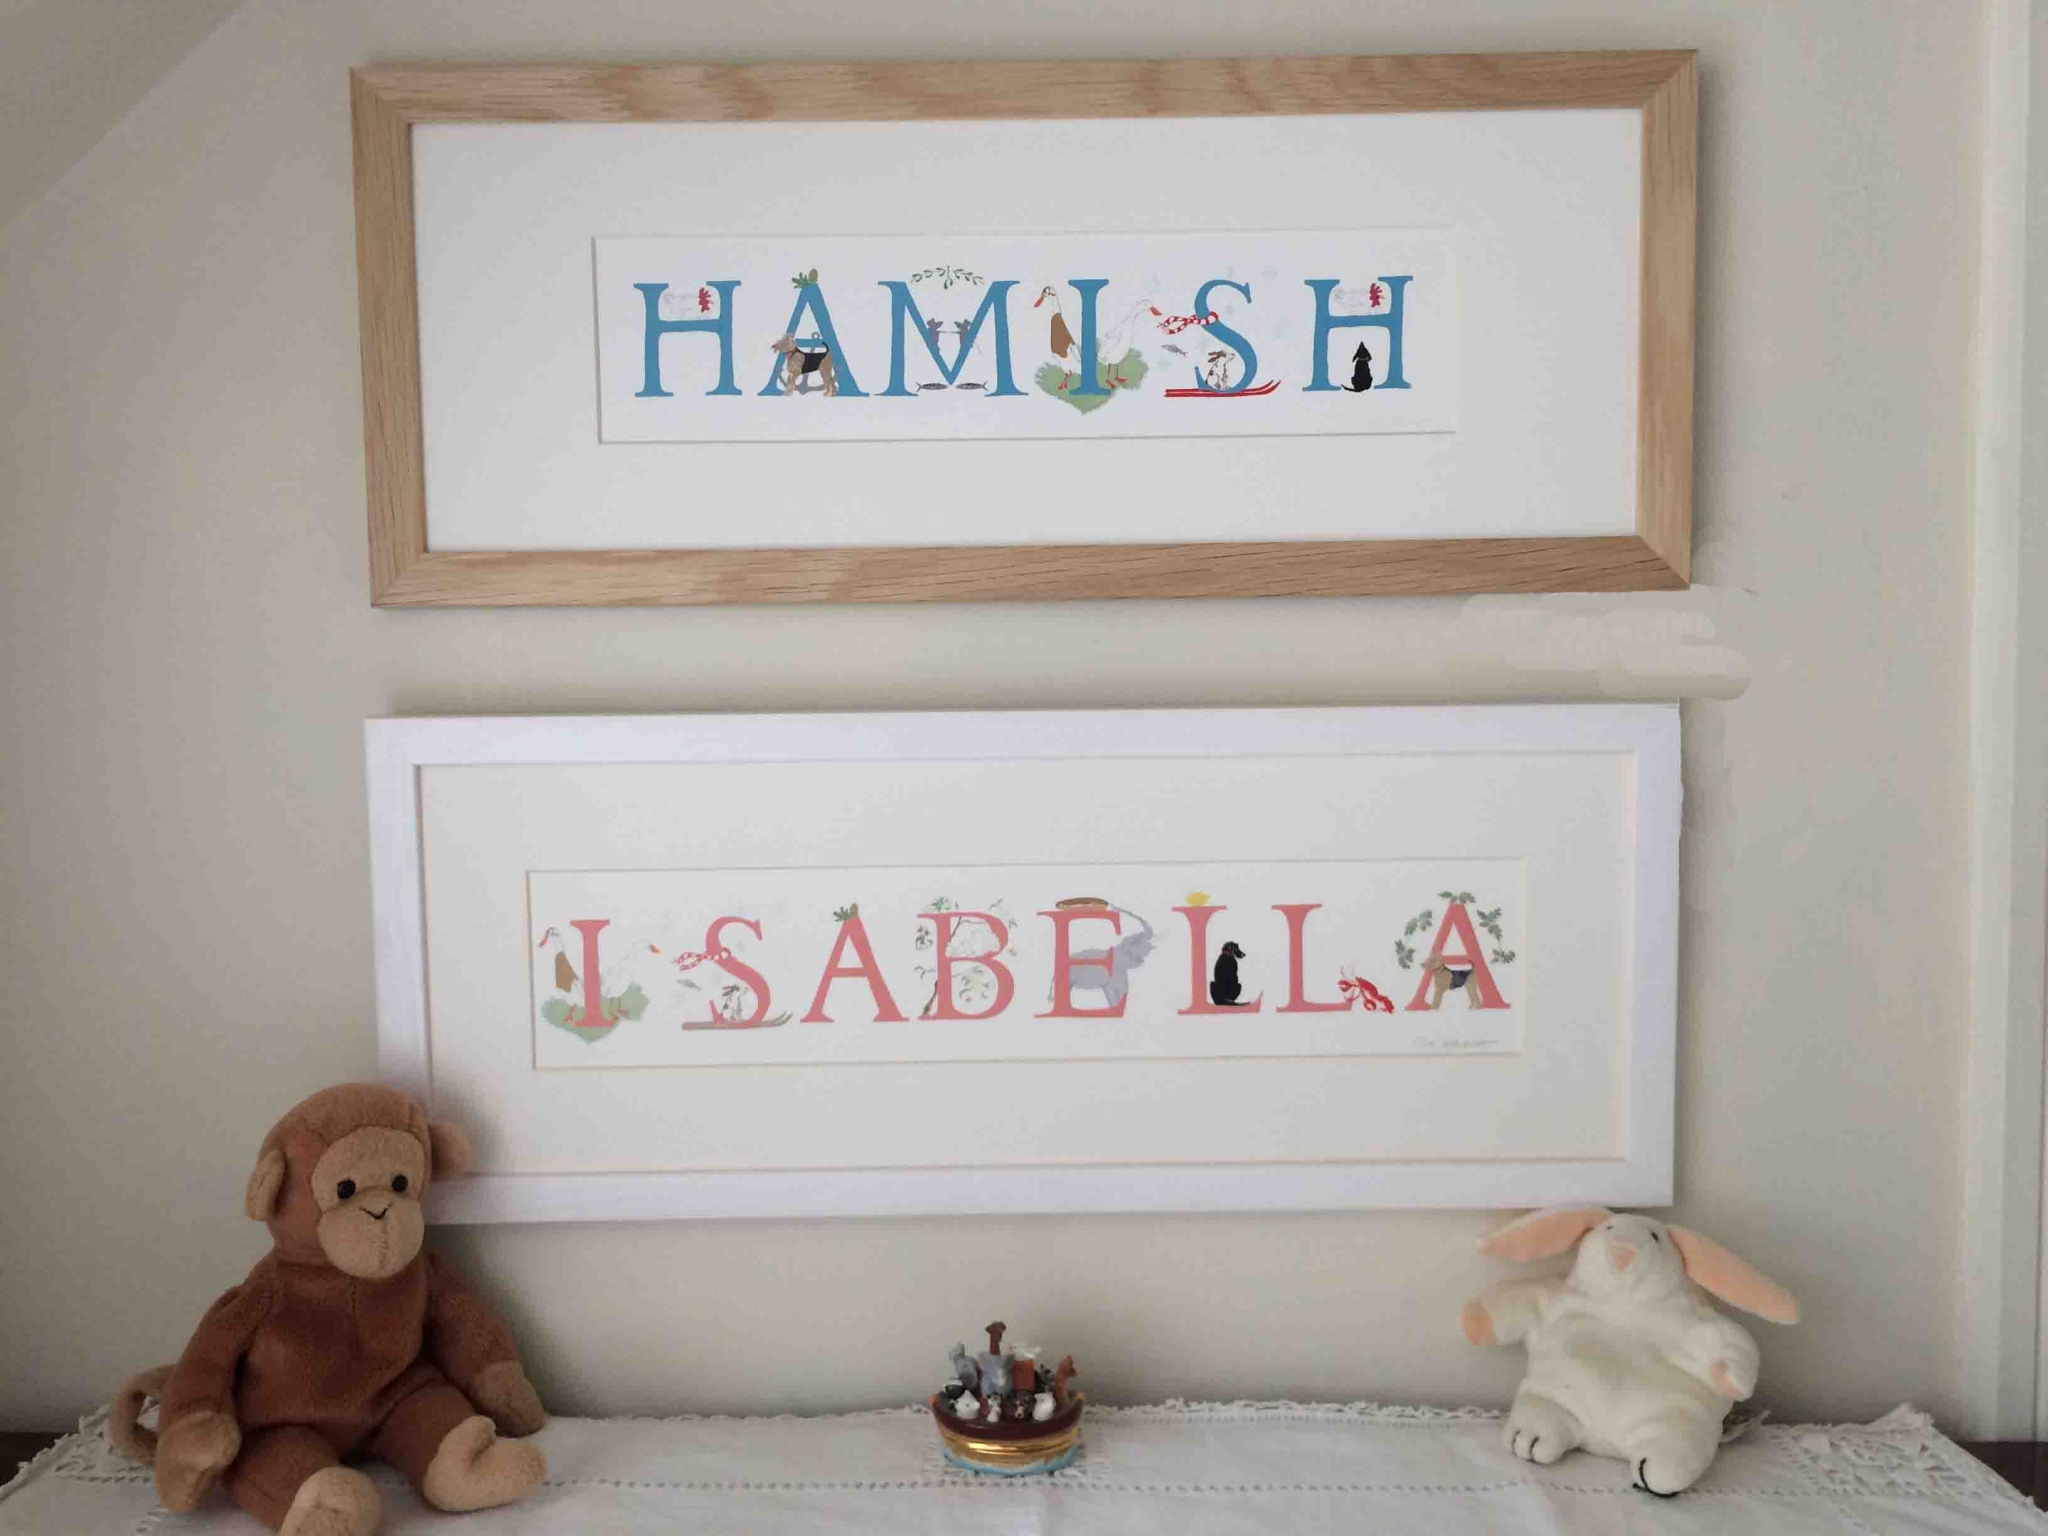 name-print-hamis-isabella